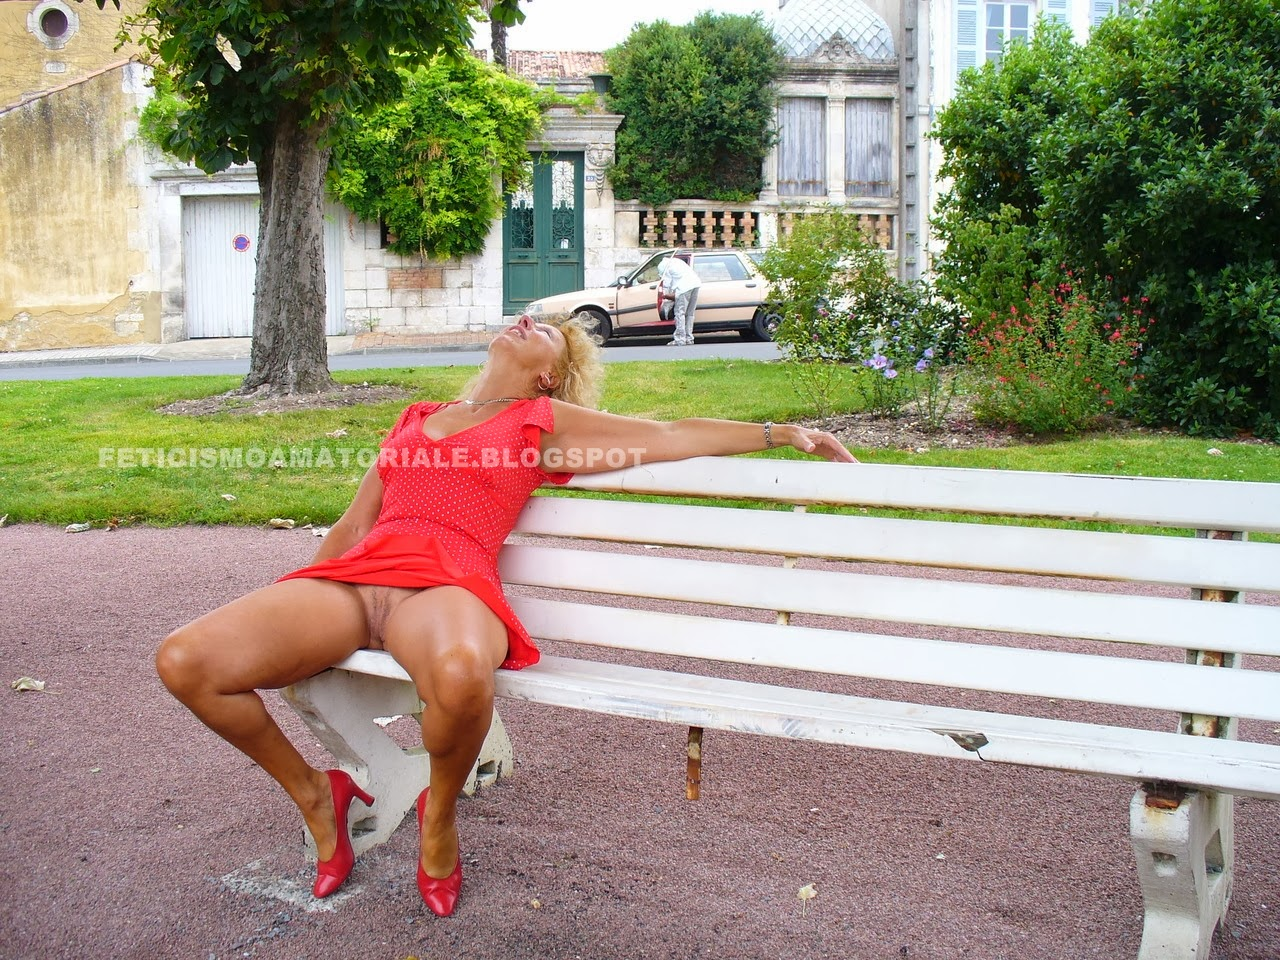 donne mature massaggi puttane per strada